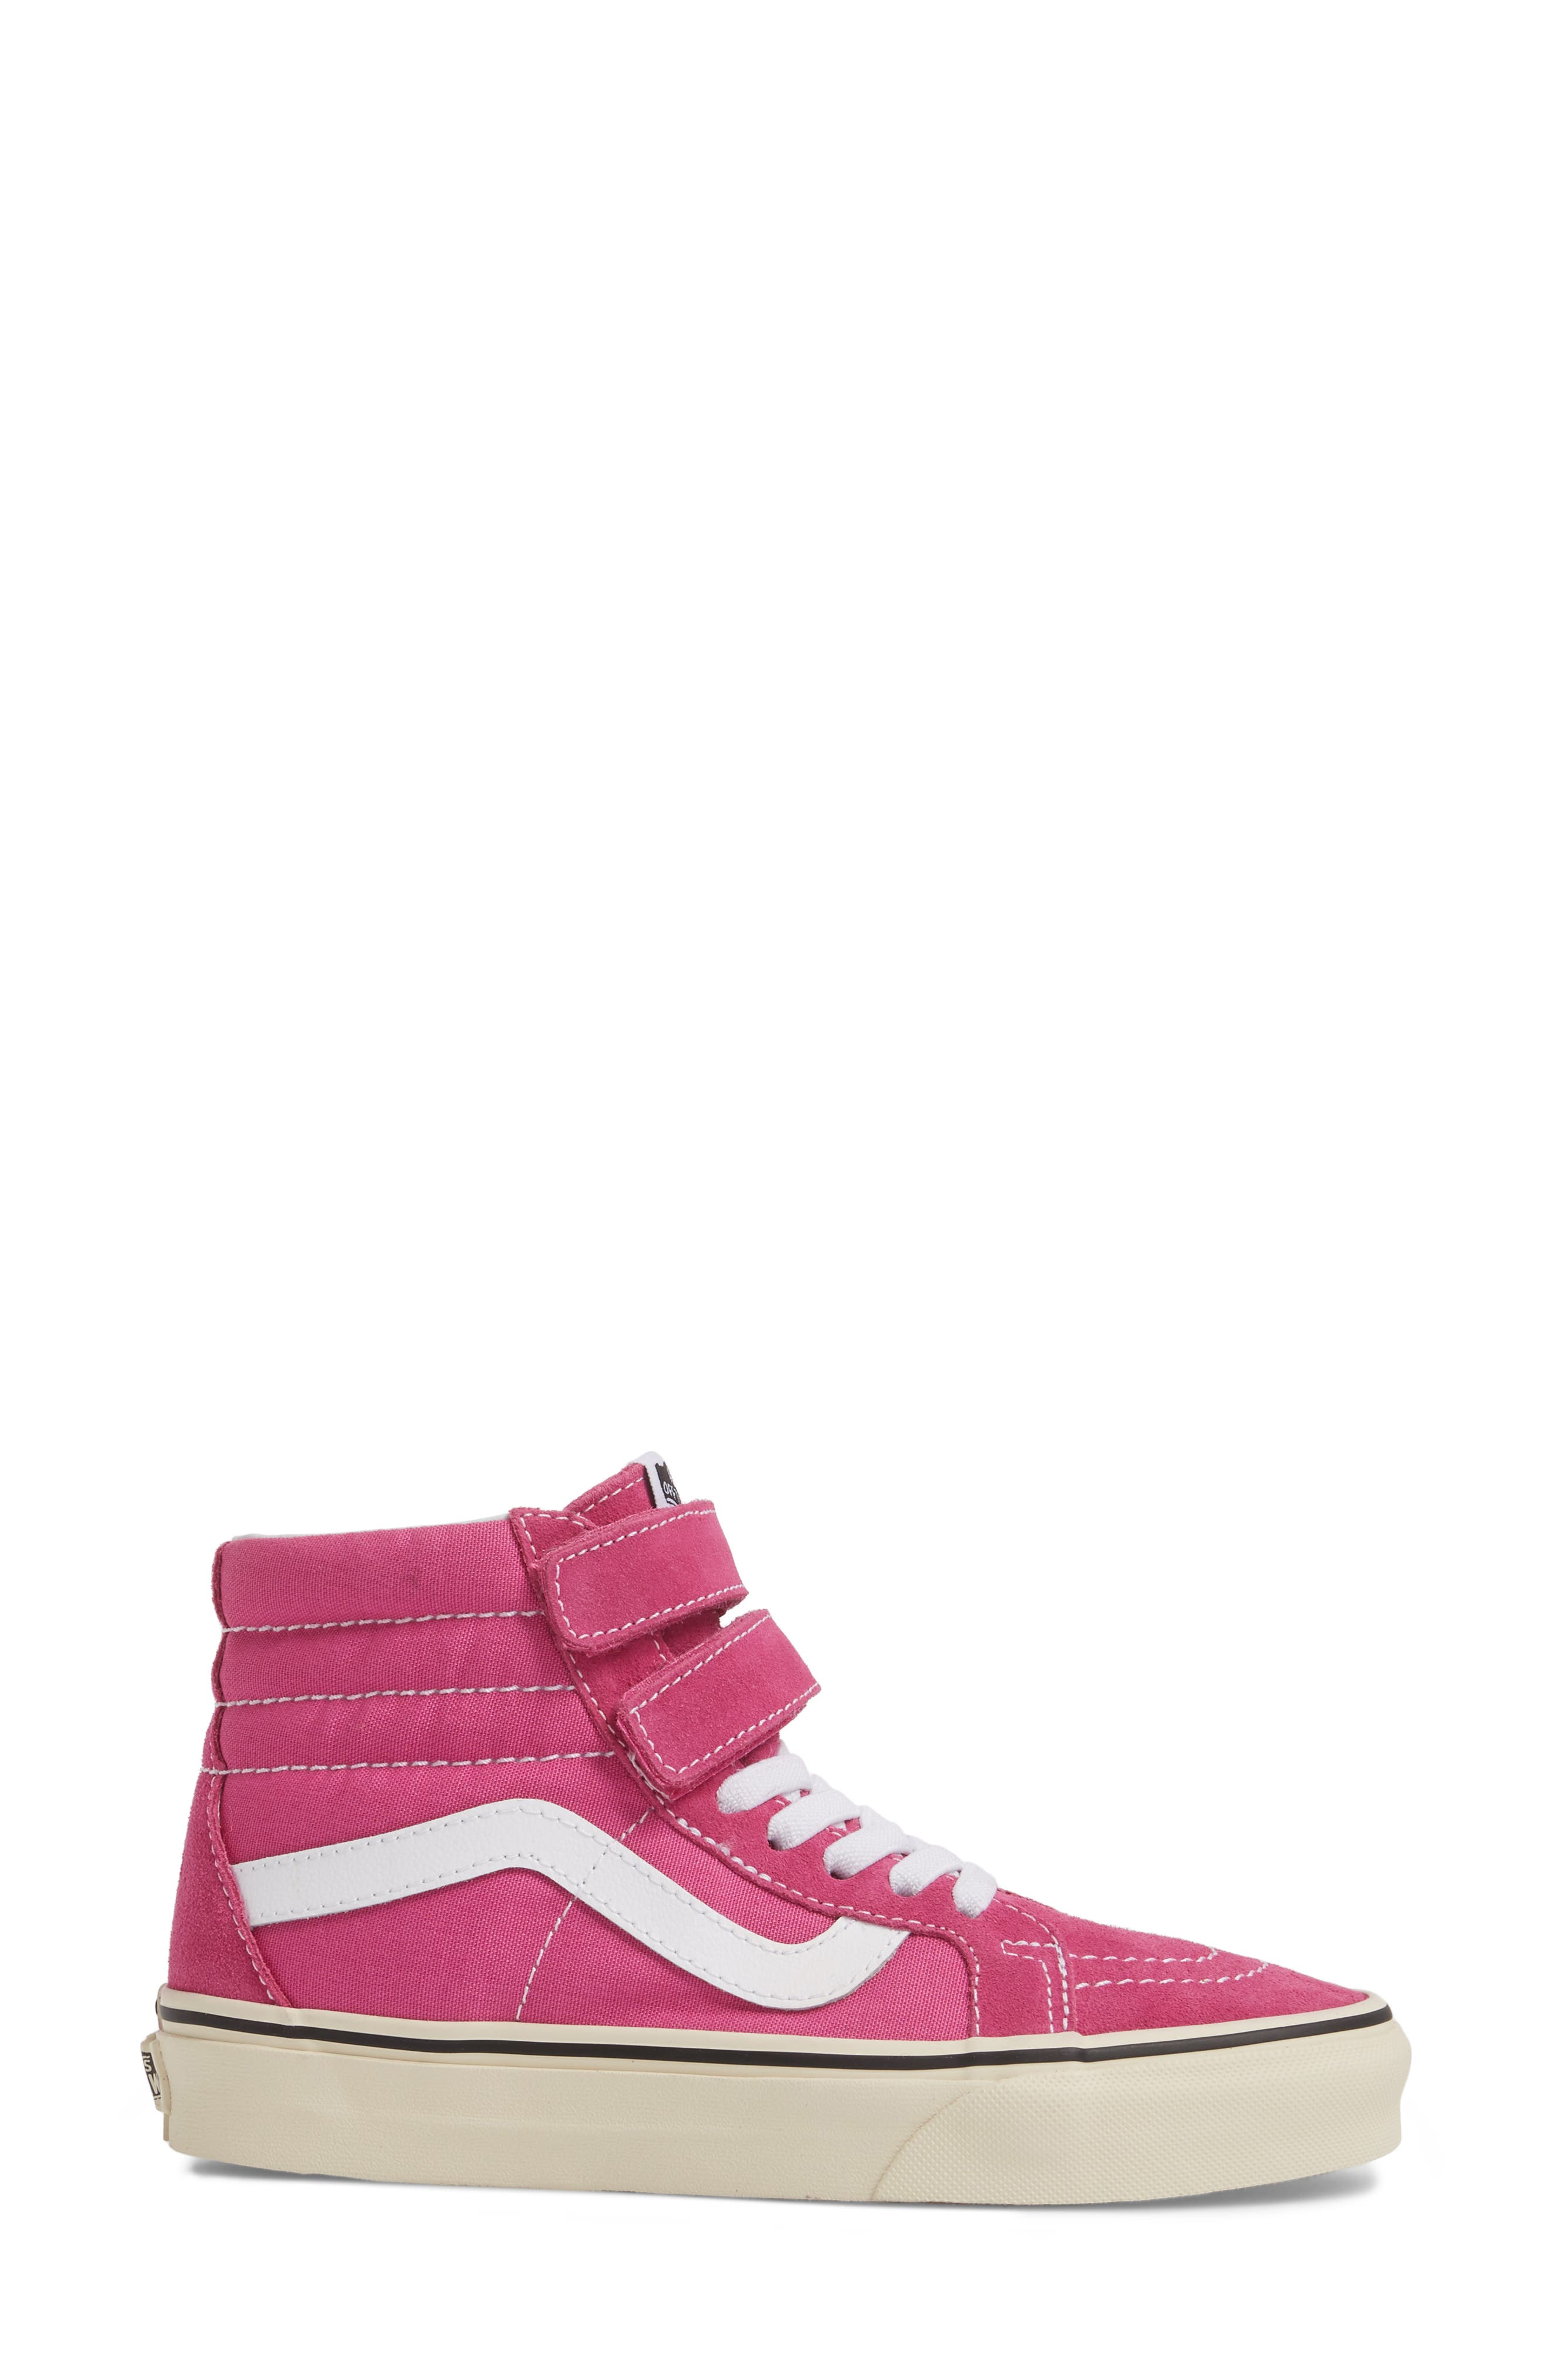 Sk8-Hi Reissue Sneaker,                             Alternate thumbnail 3, color,                             670